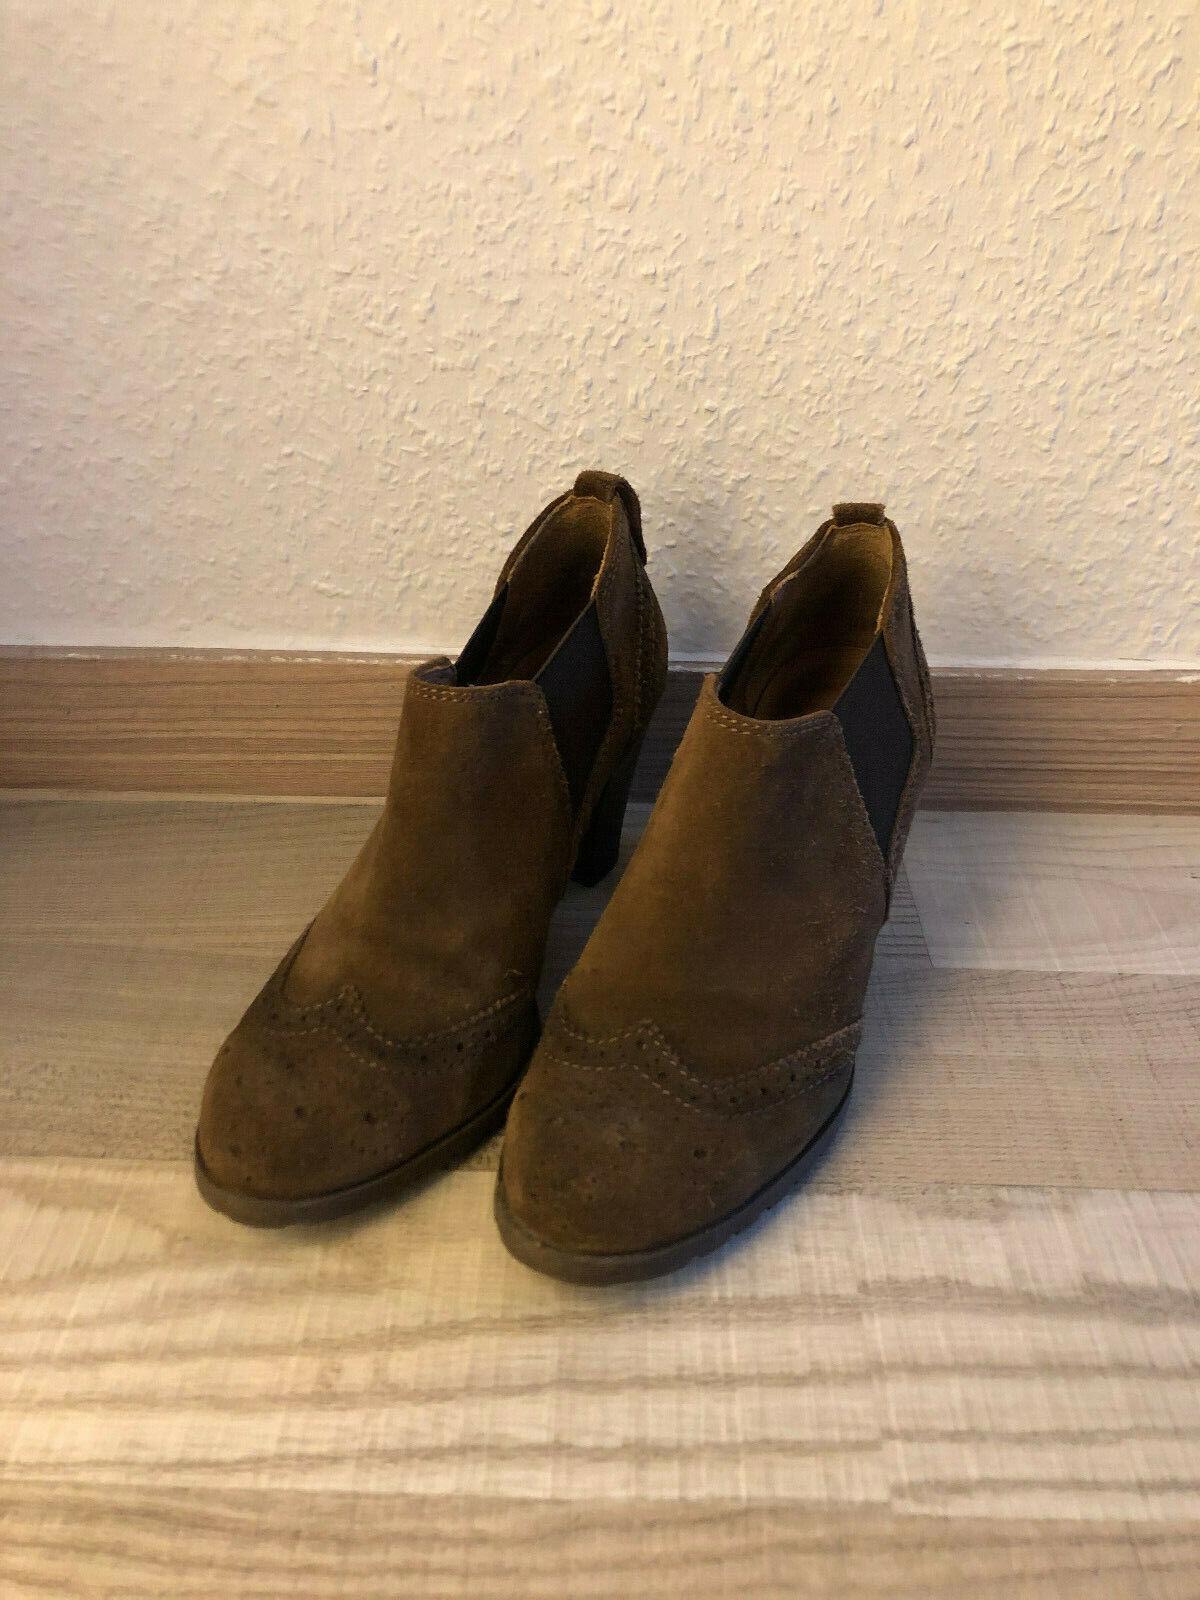 5th Avenue Braun Echtes Leder Größe 37 Damen Schuh Stiefeletten Ankle Boots Boot